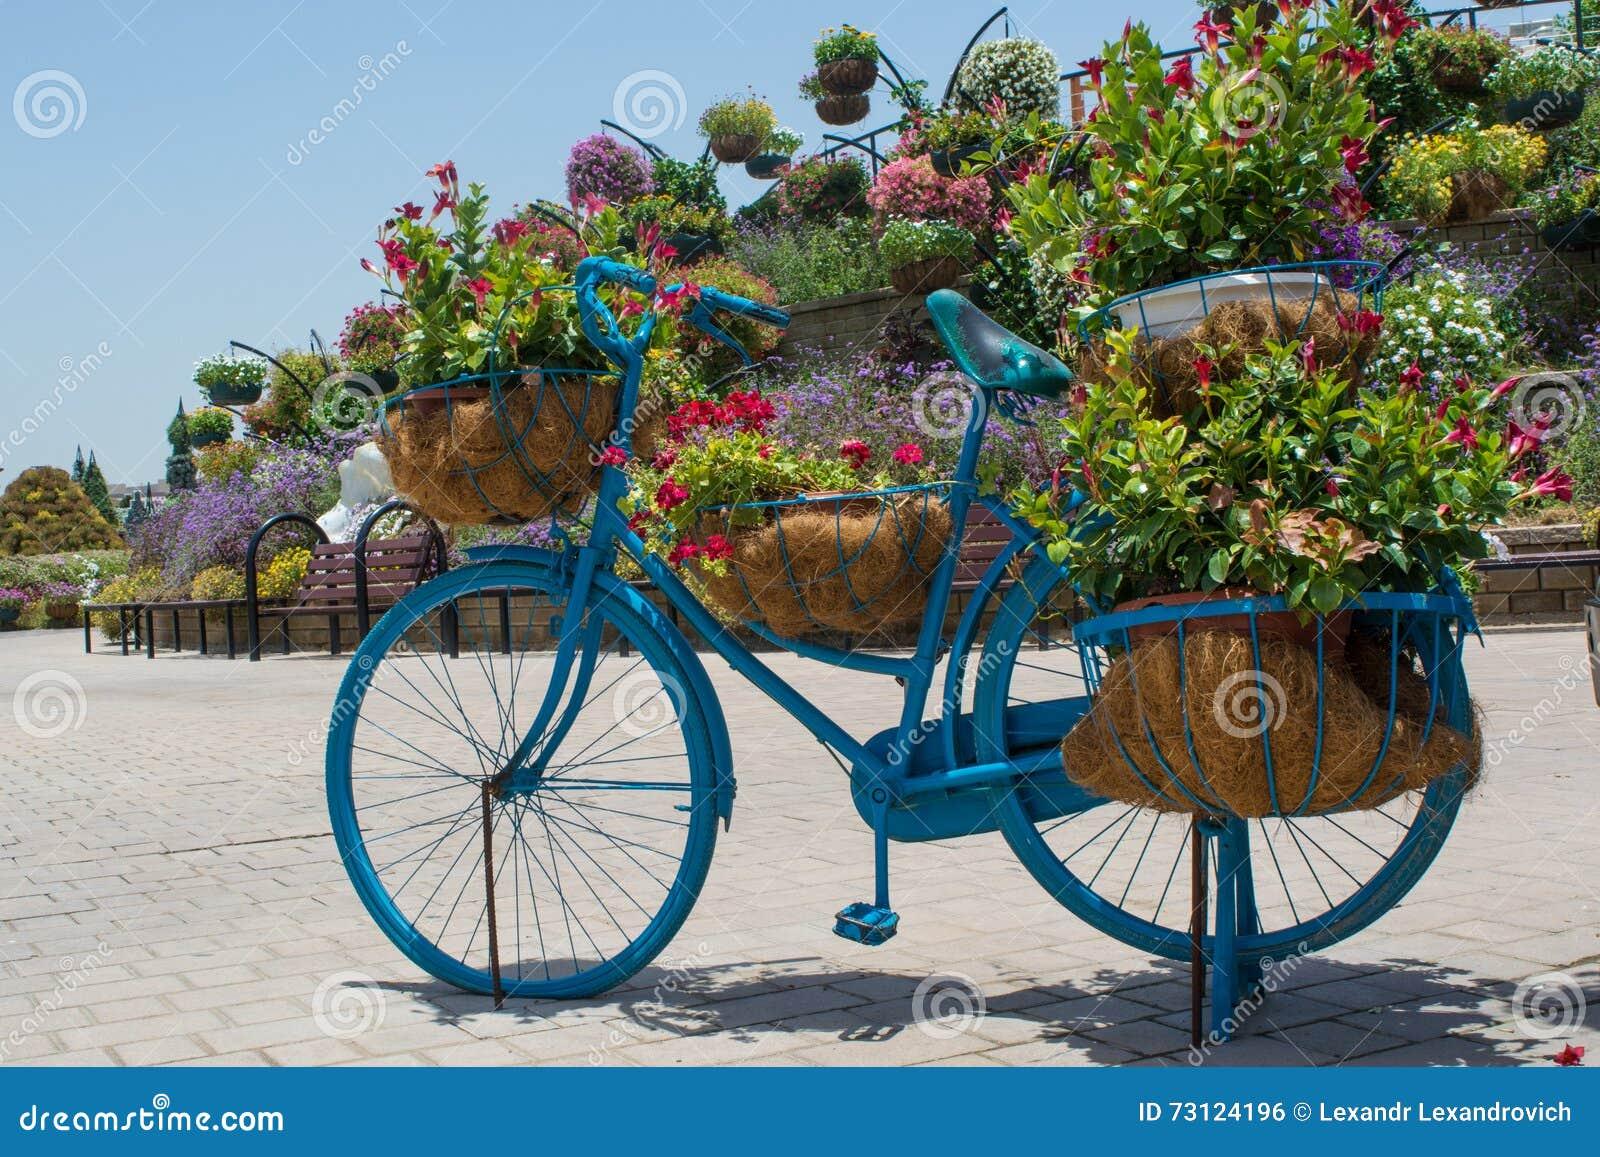 La maceta grande azul form la bicicleta con las flores - La bici azul ...